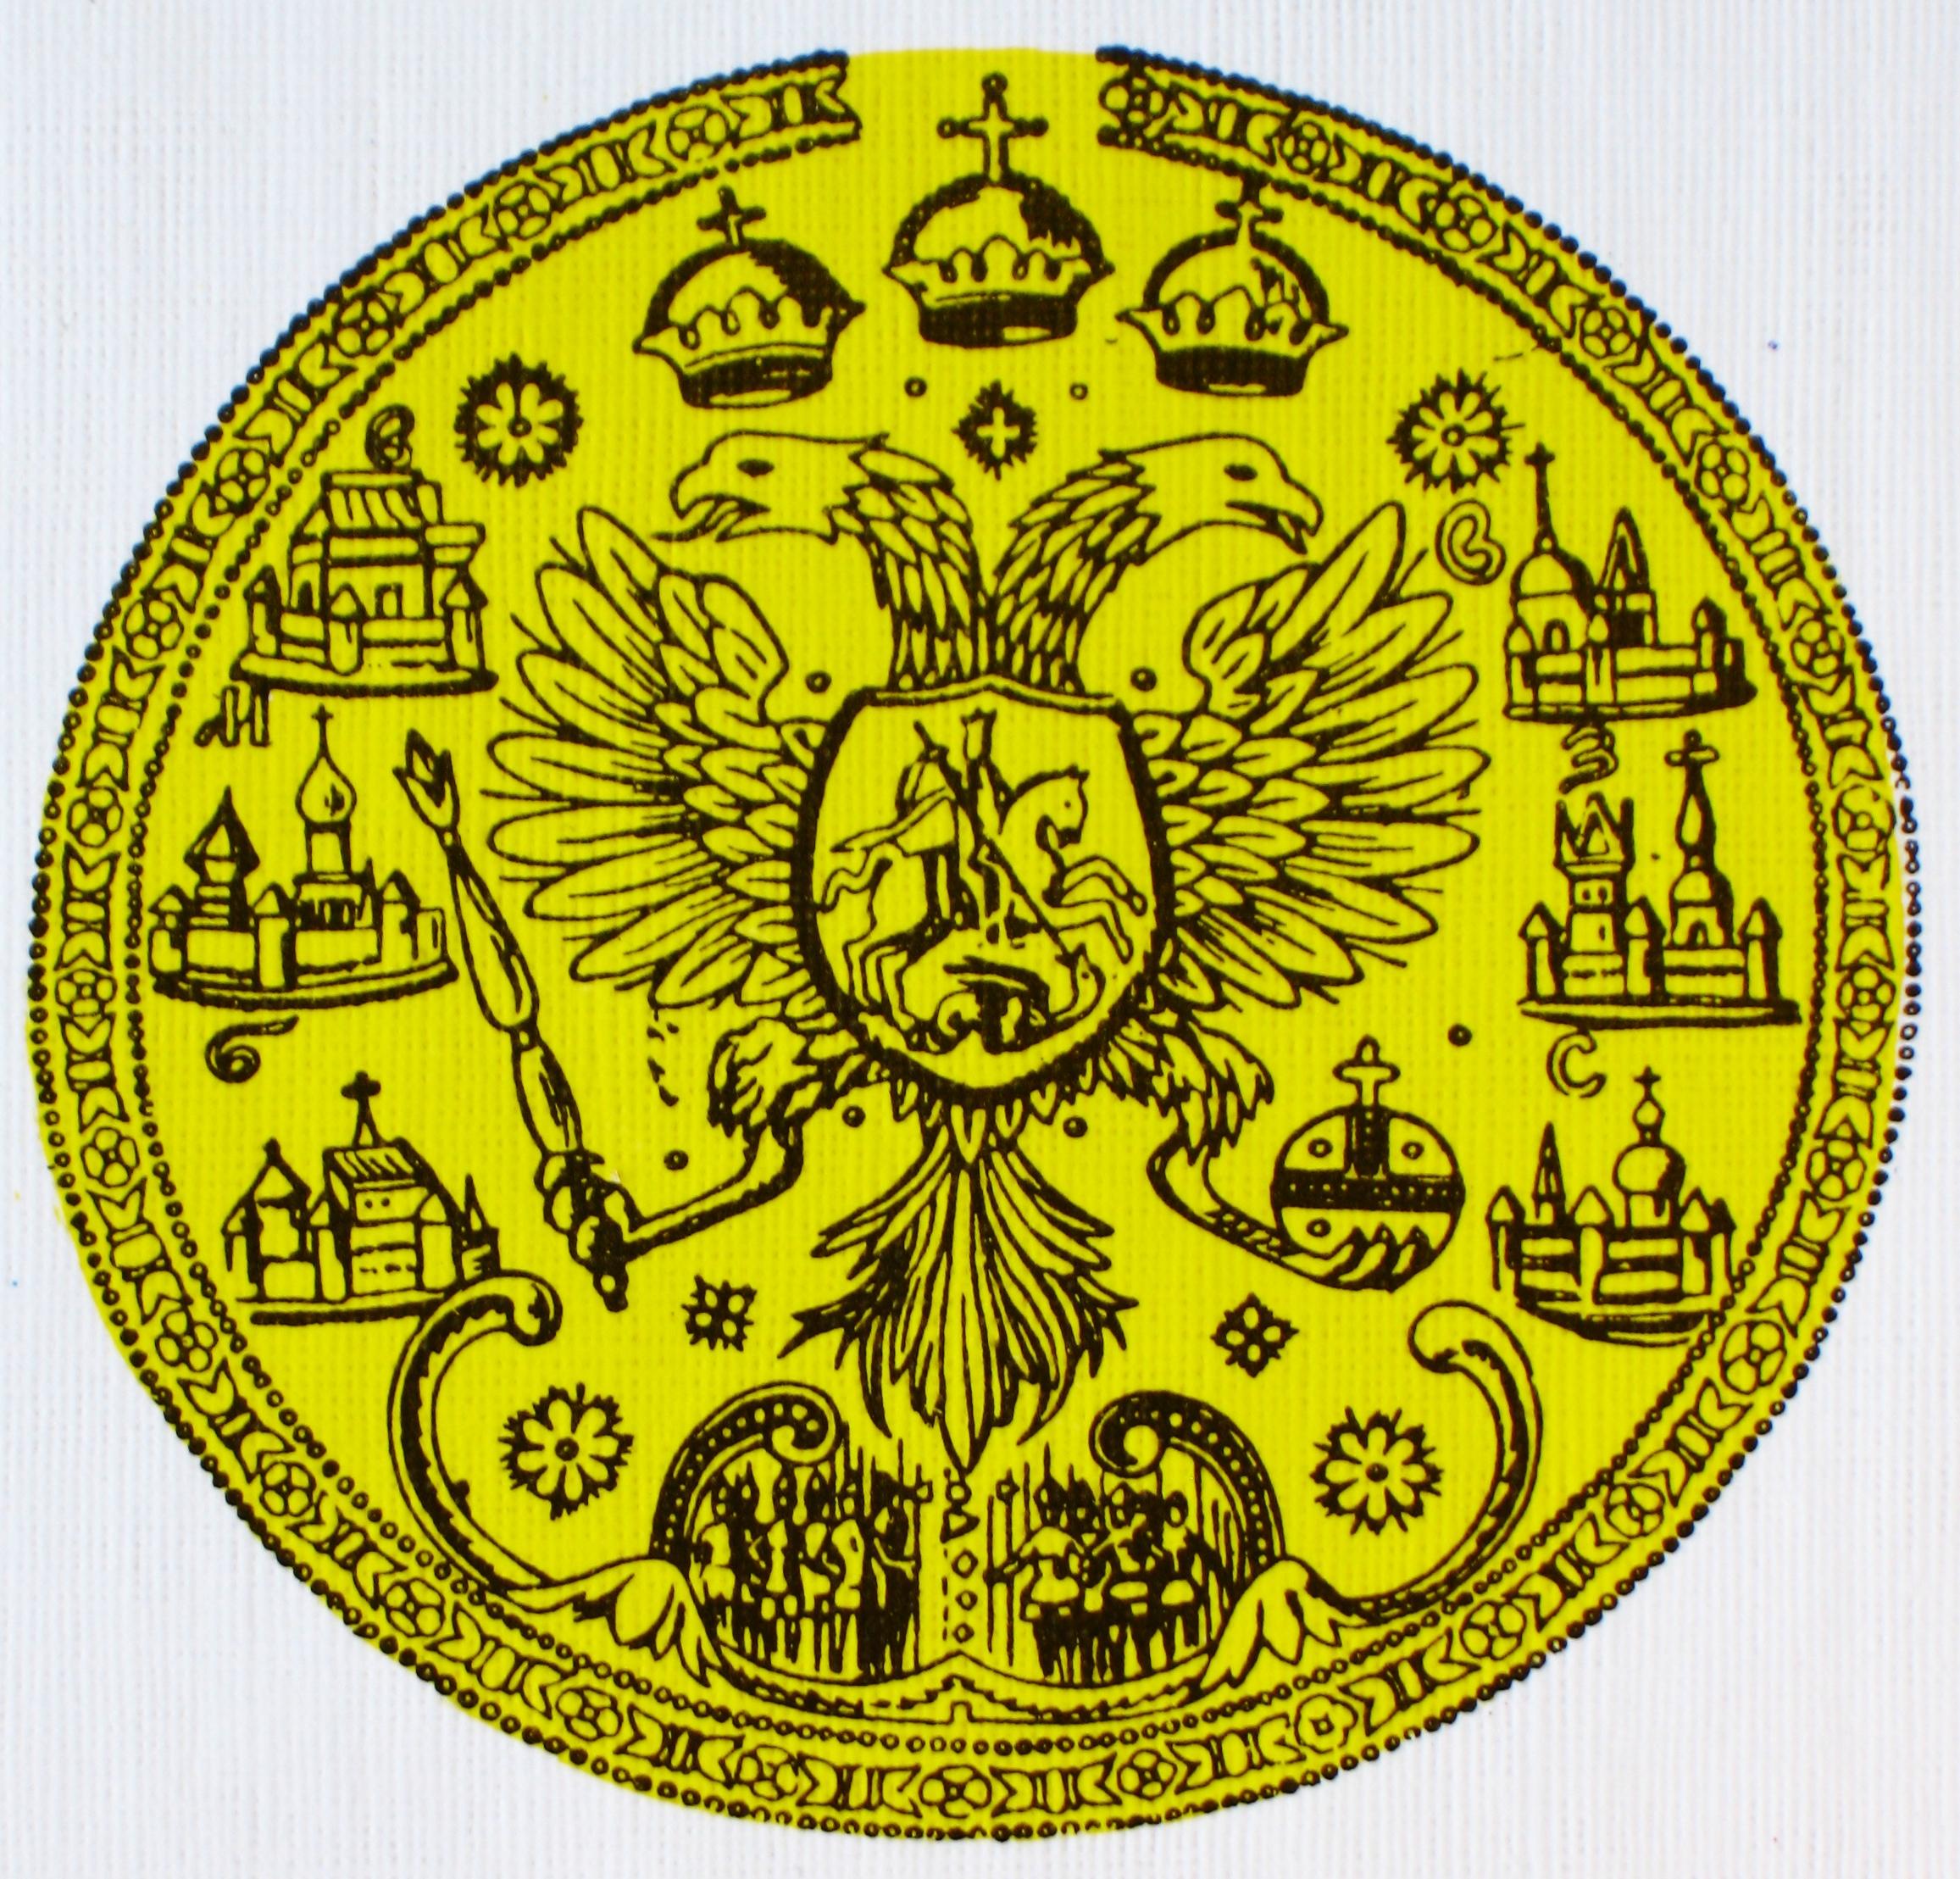 Государственная печать царя алексея михайловича (та самая, что изображена в титулярнике)